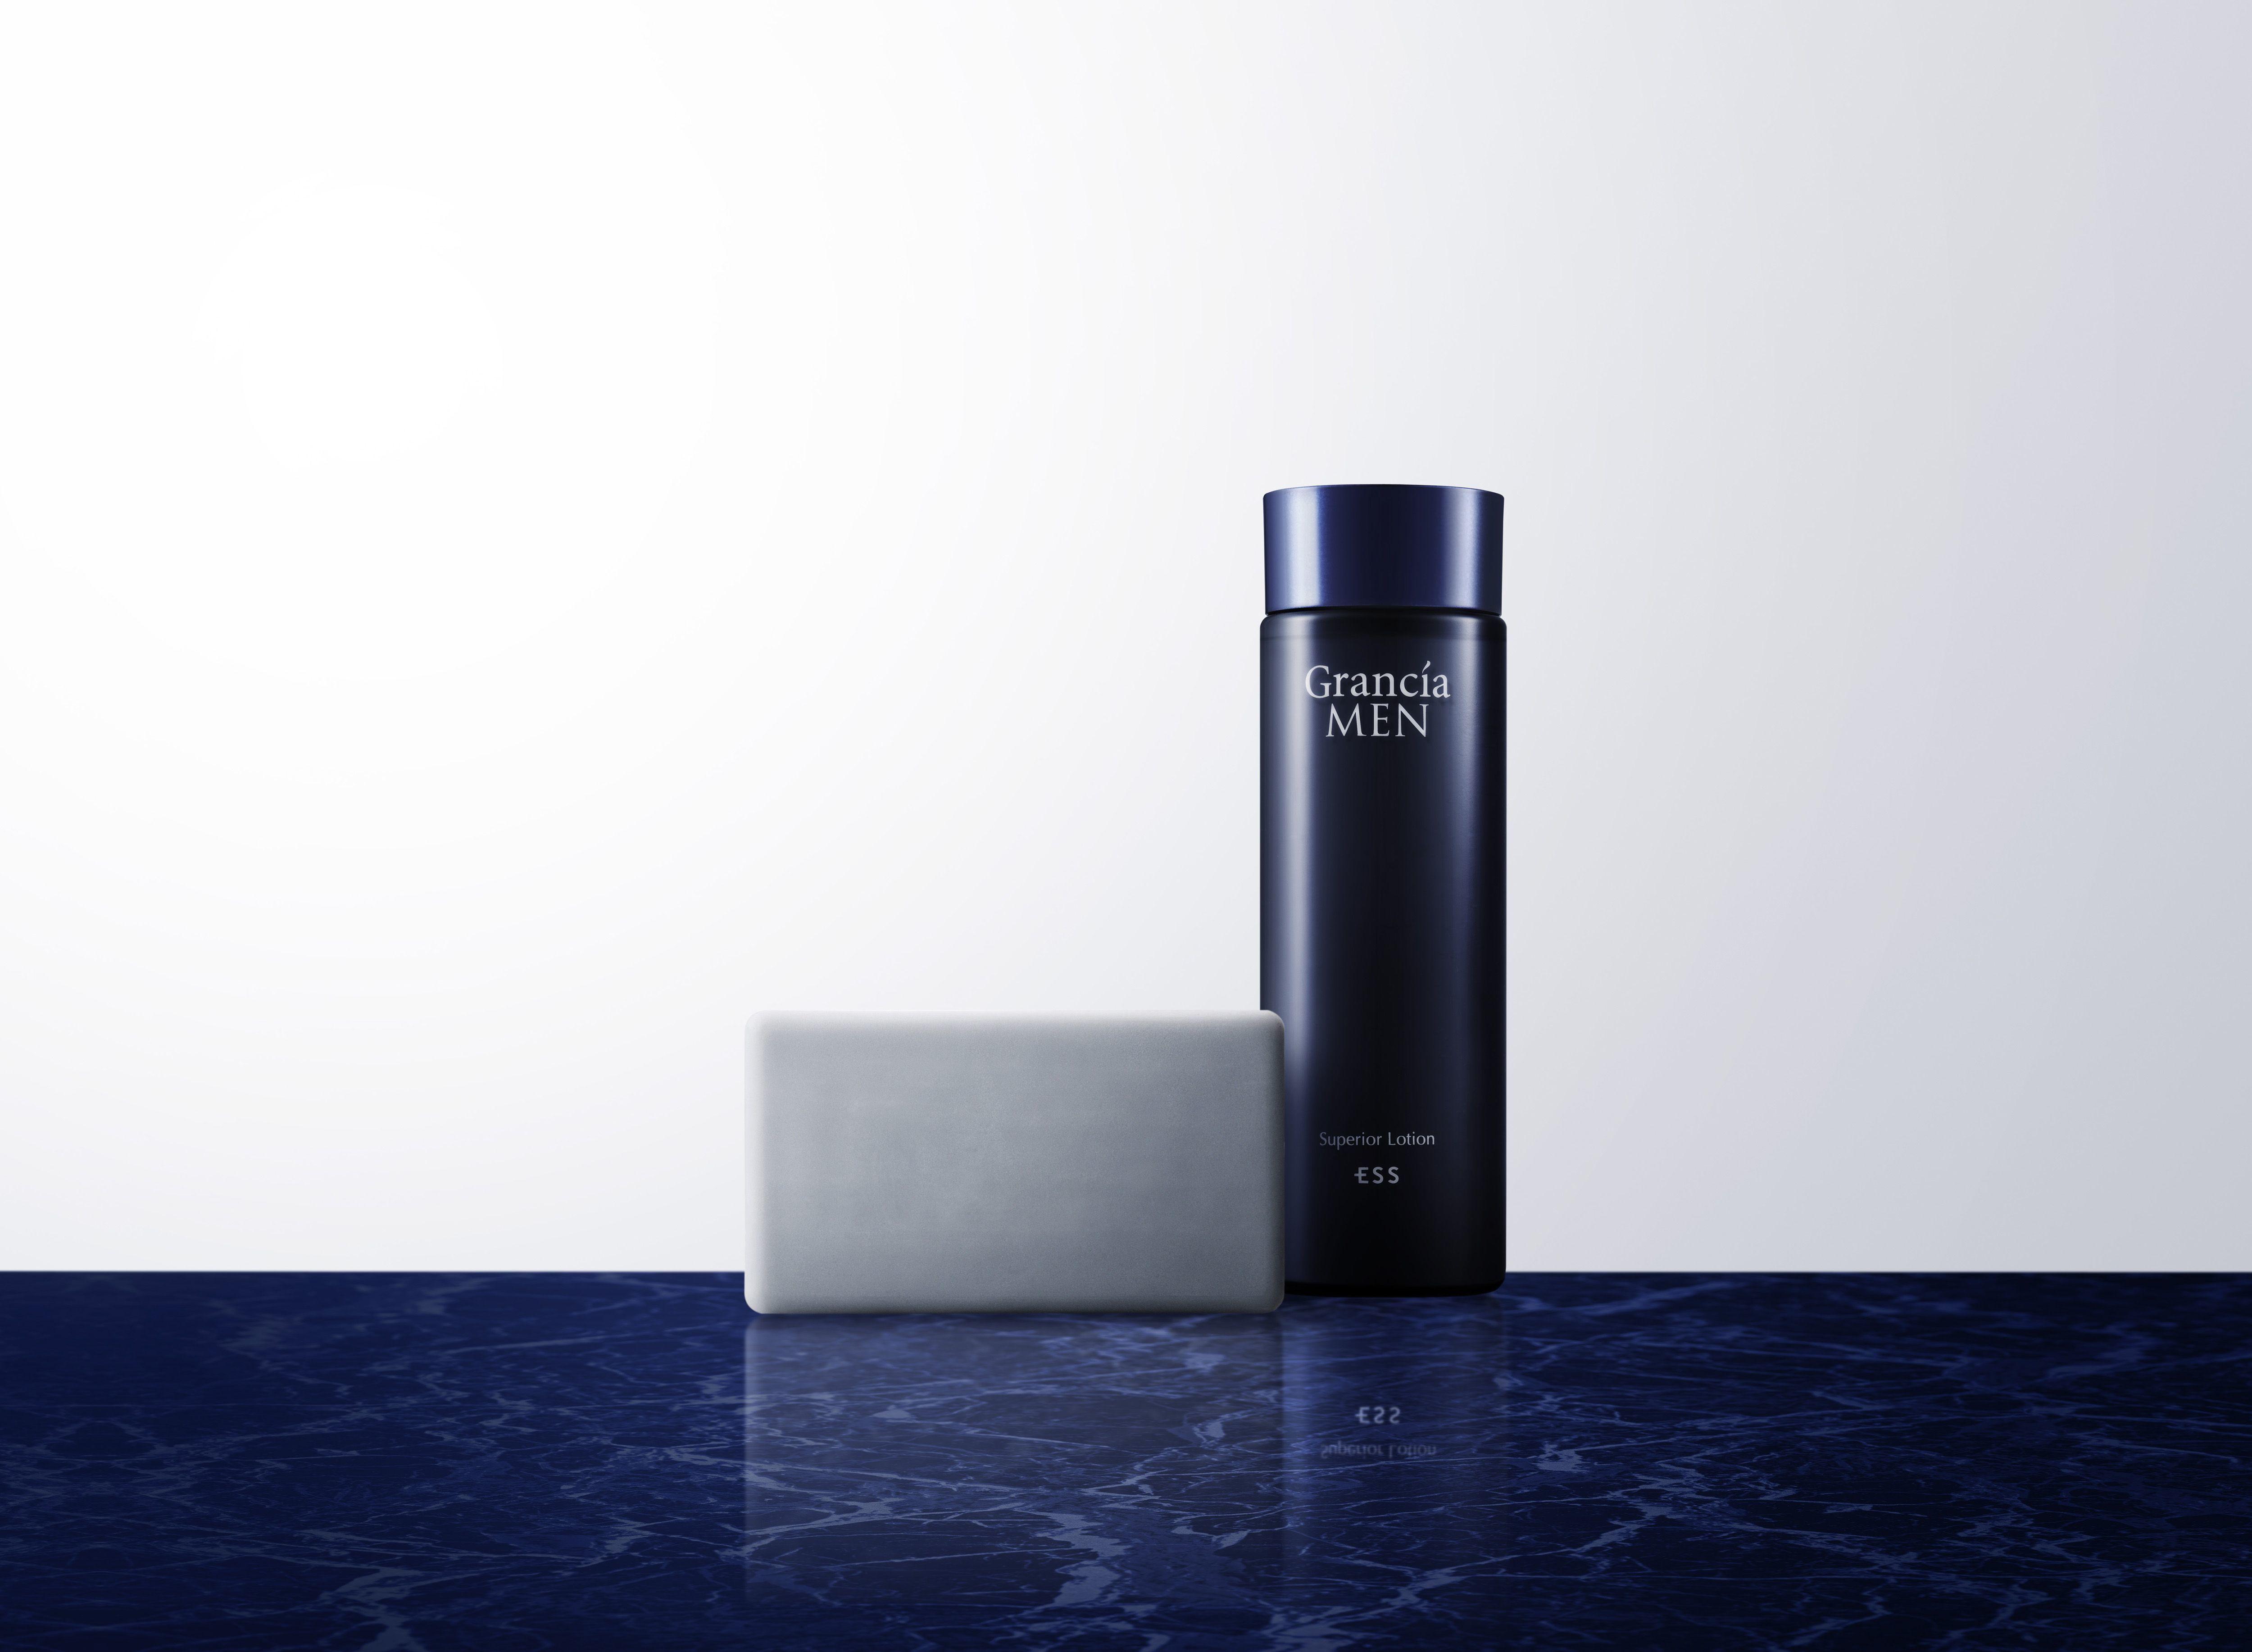 忙しく生きる大人の男性へ洗顔と保湿だけの シンプルスキンケアブランド「Grancia MEN」を発売